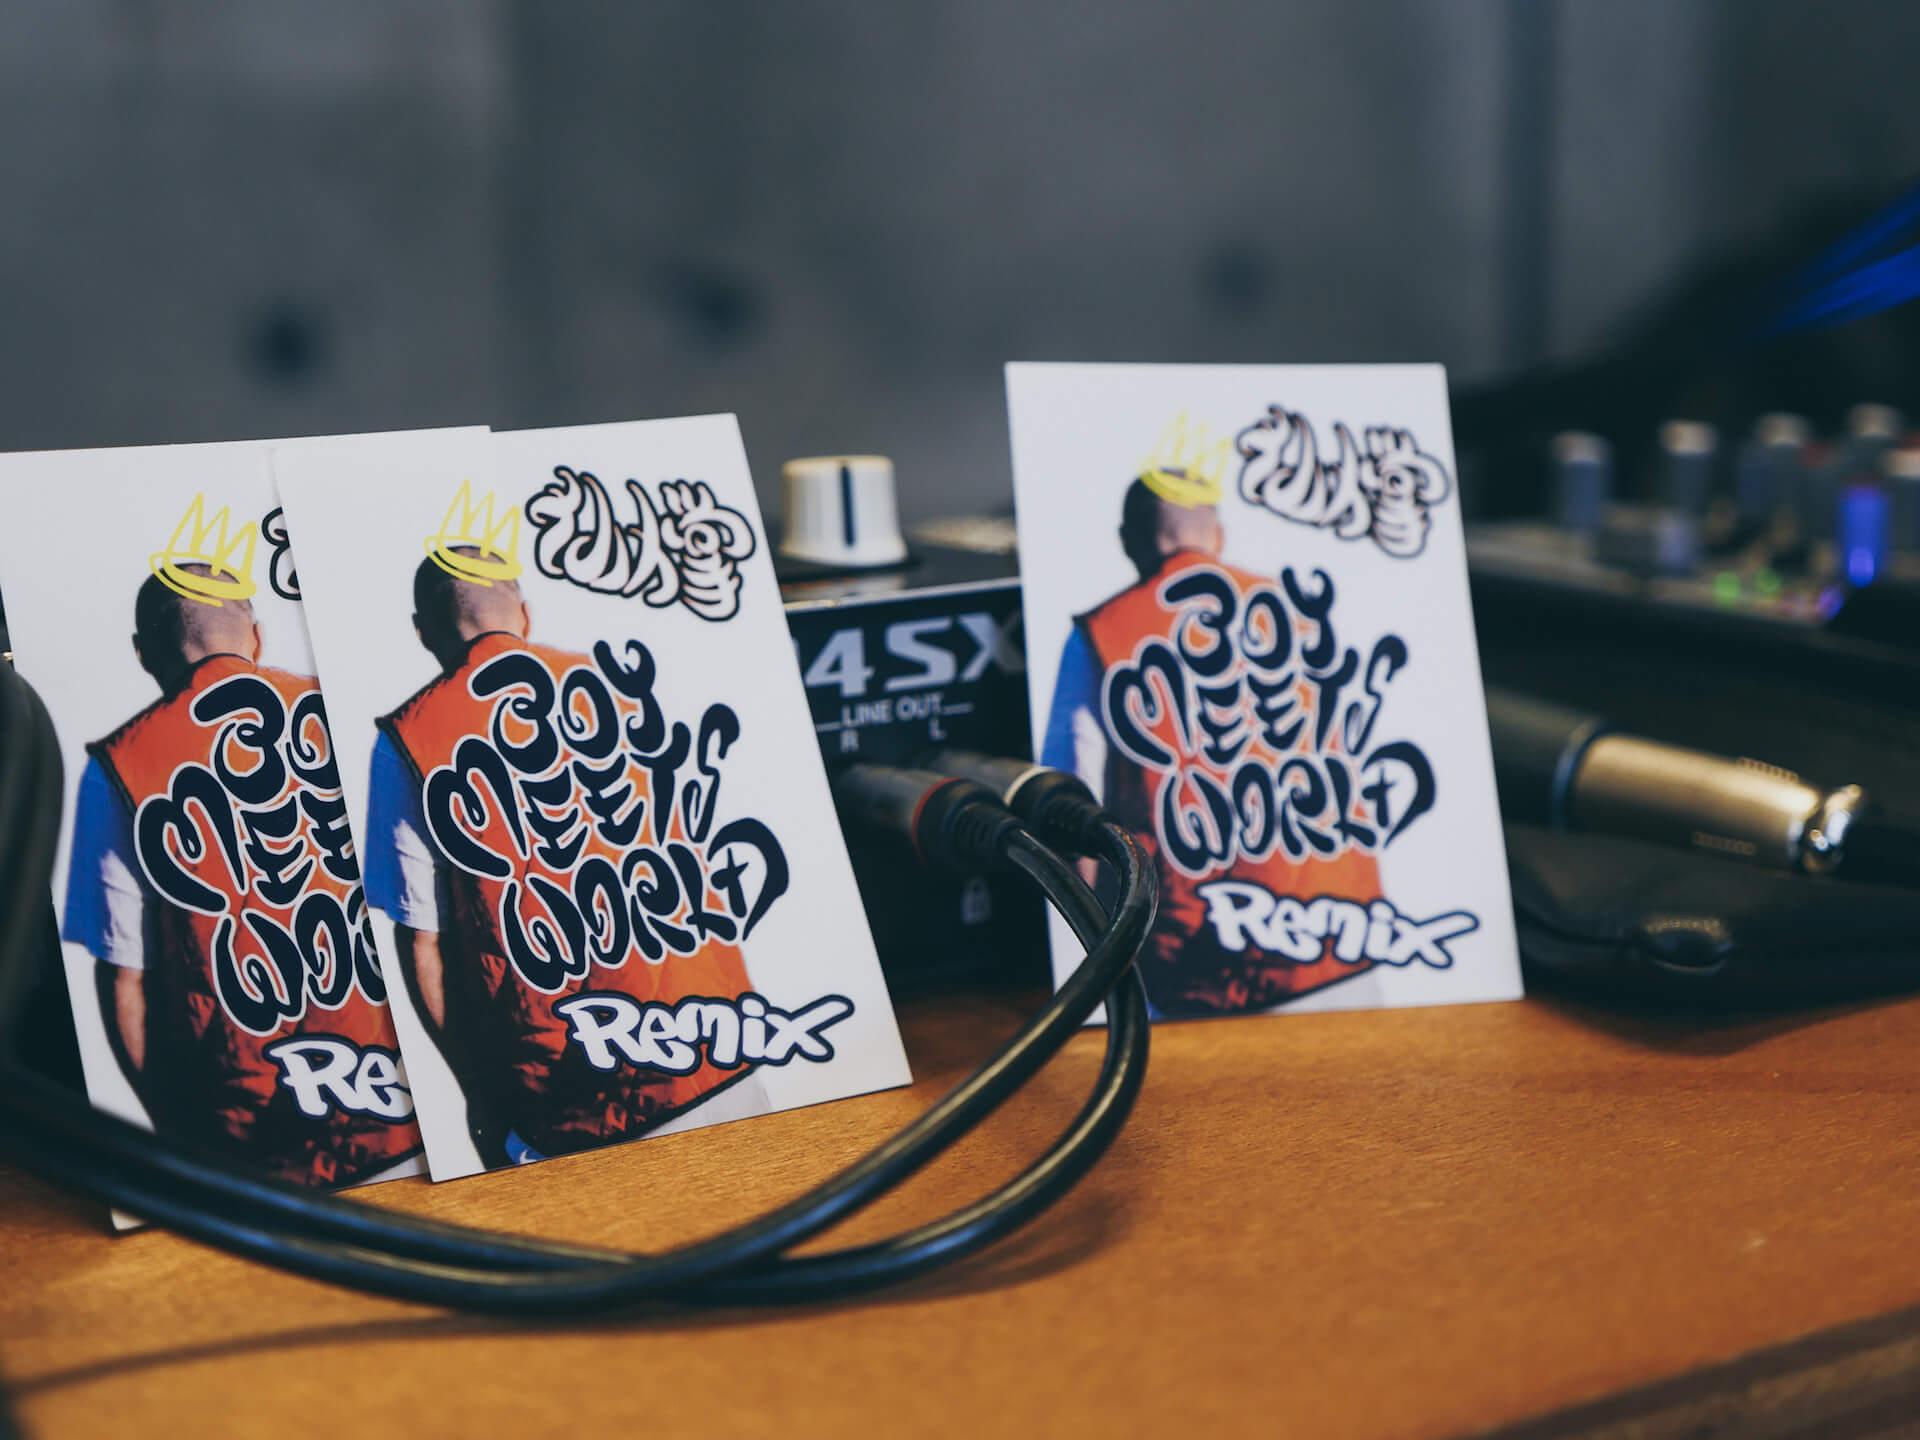 ビートは世界と出会う――BEAT MEETS WORLD x WANDERMAN POP UP in RAH YOKOHAMA REPORT interview-beat-meets-world-pop-up-report-5